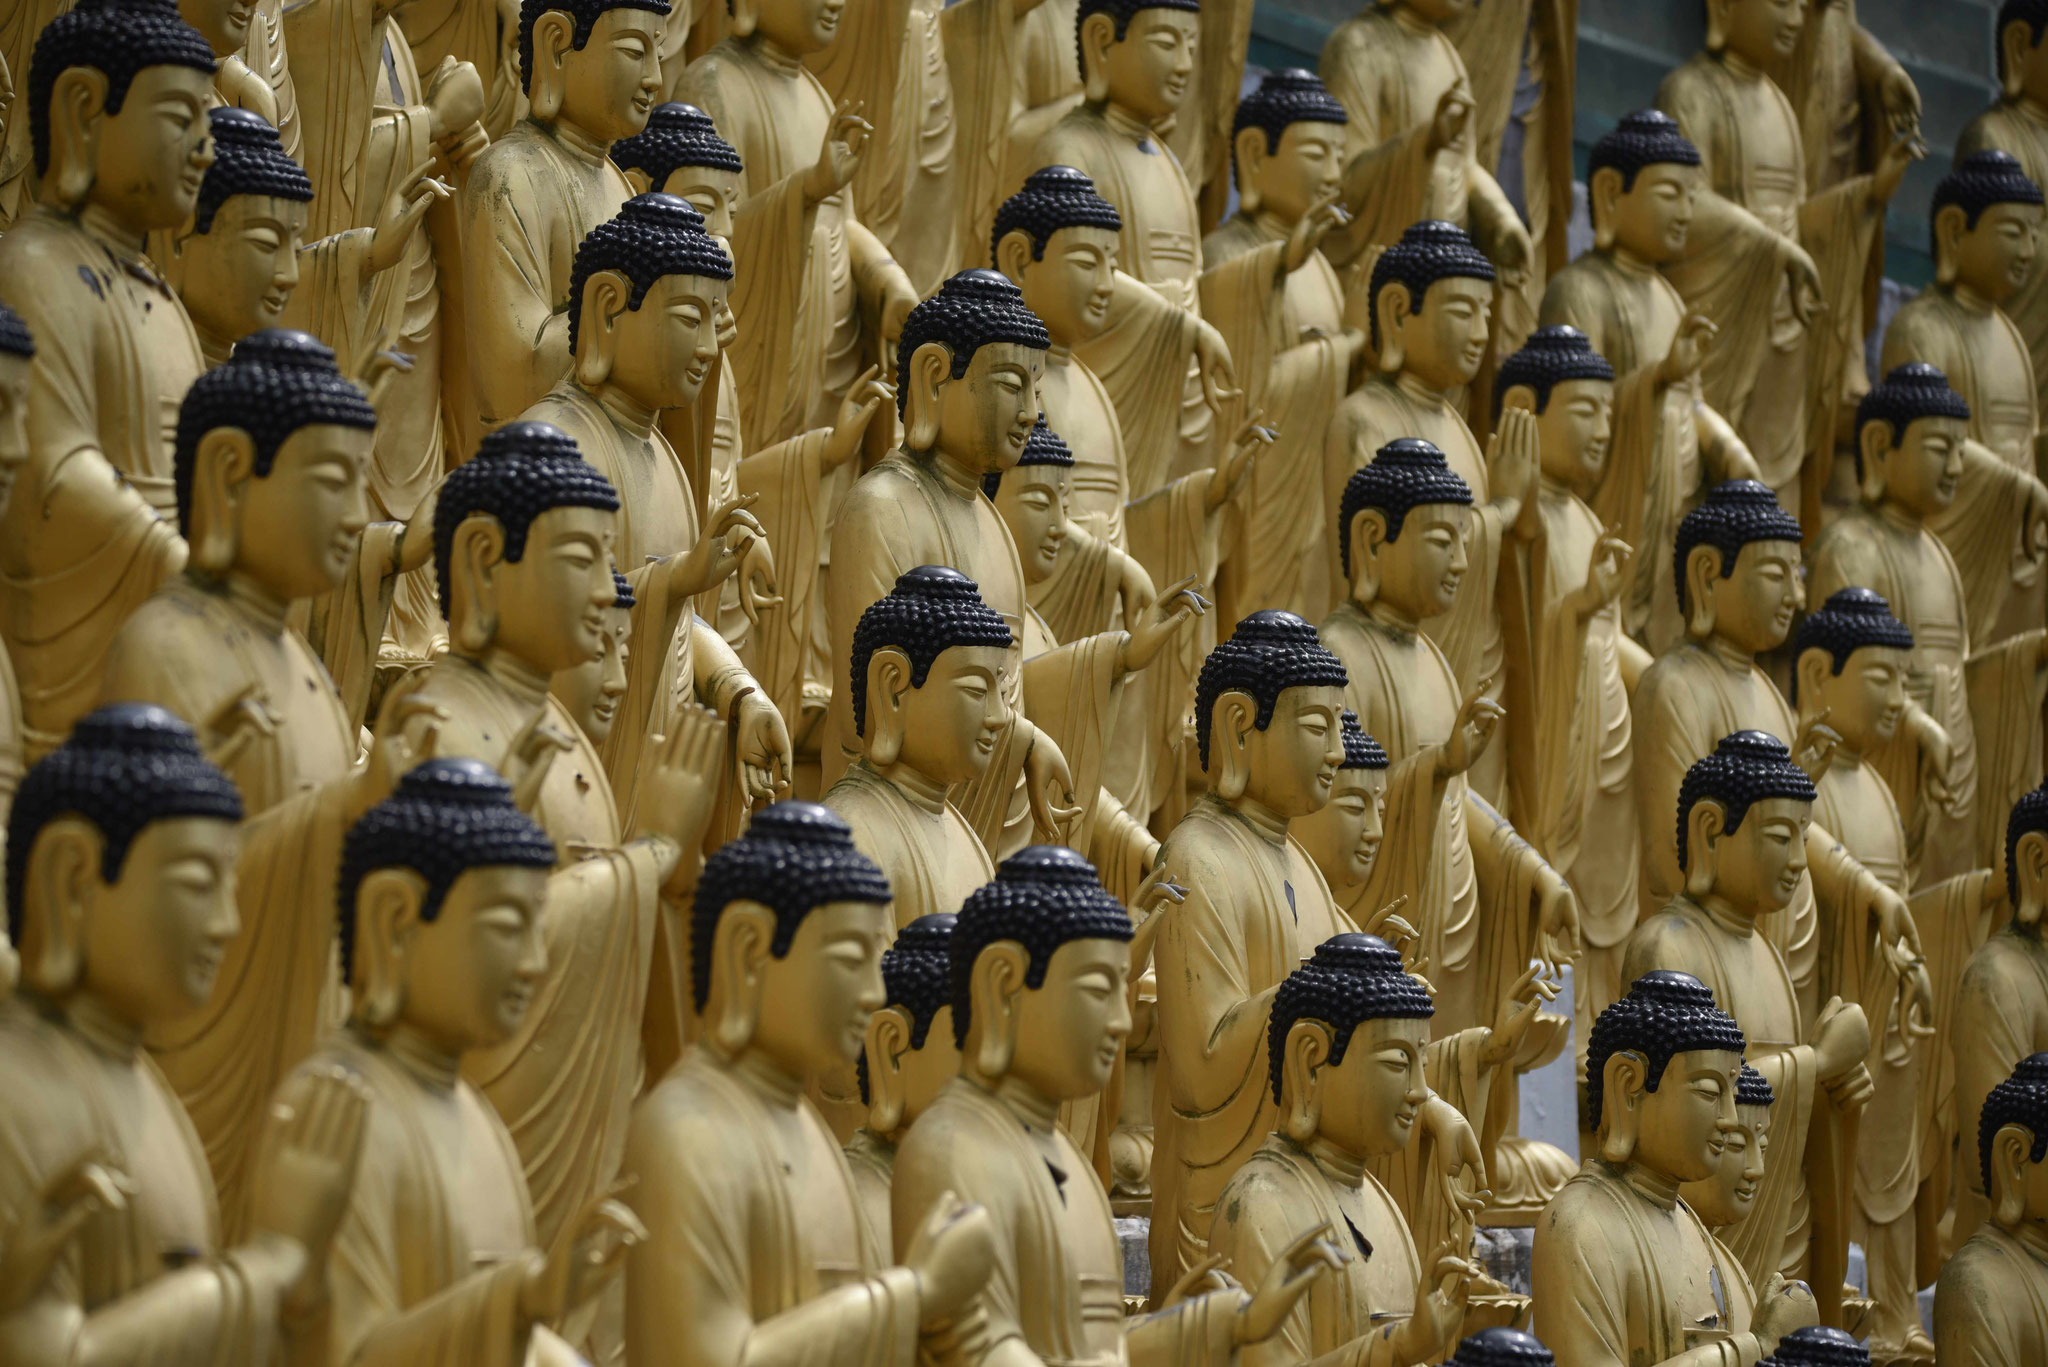 Eine Armee an Buddastatuen